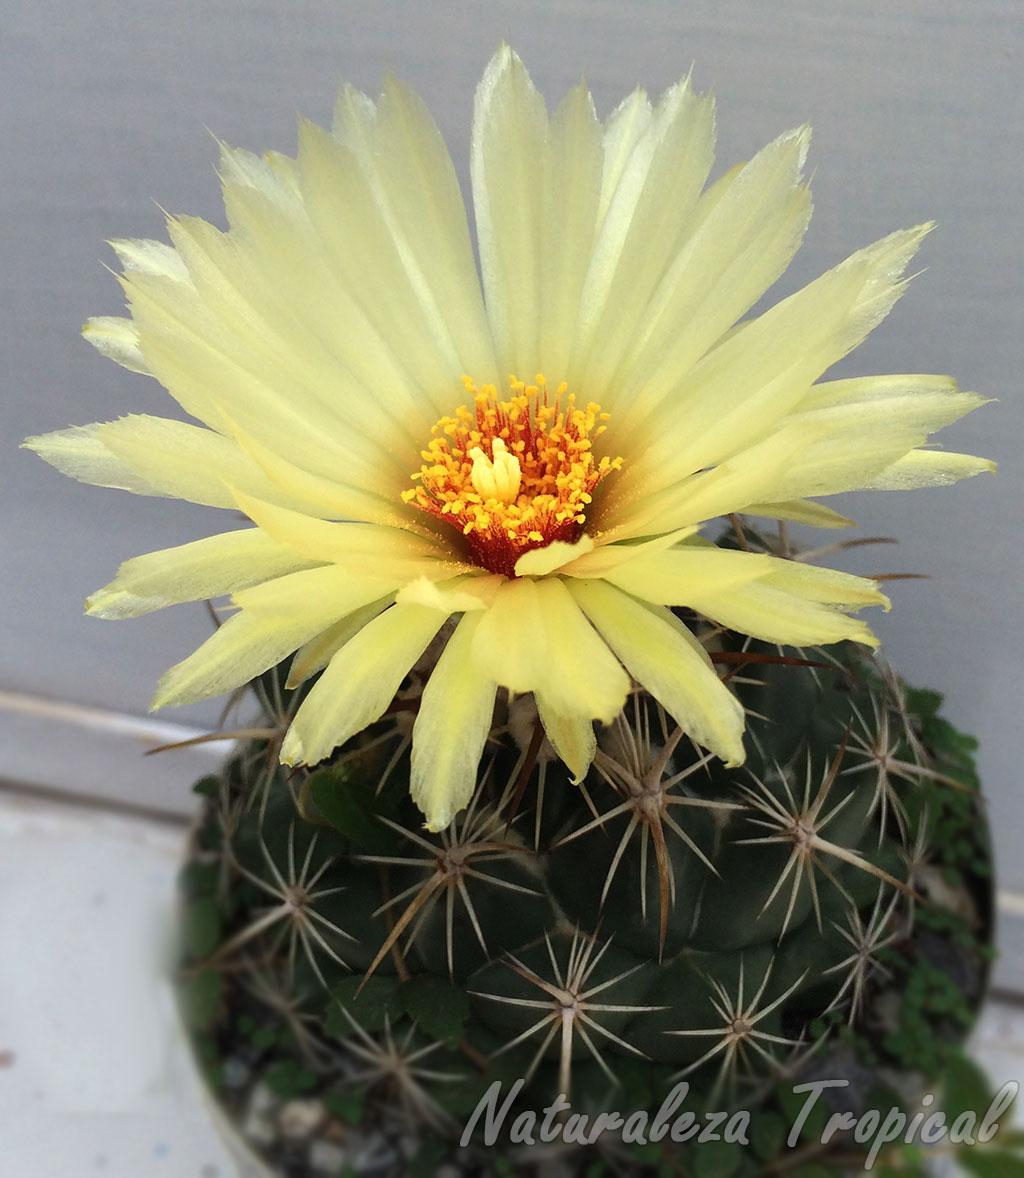 Vista de la floración de una especie de cactus del género Coryphantha